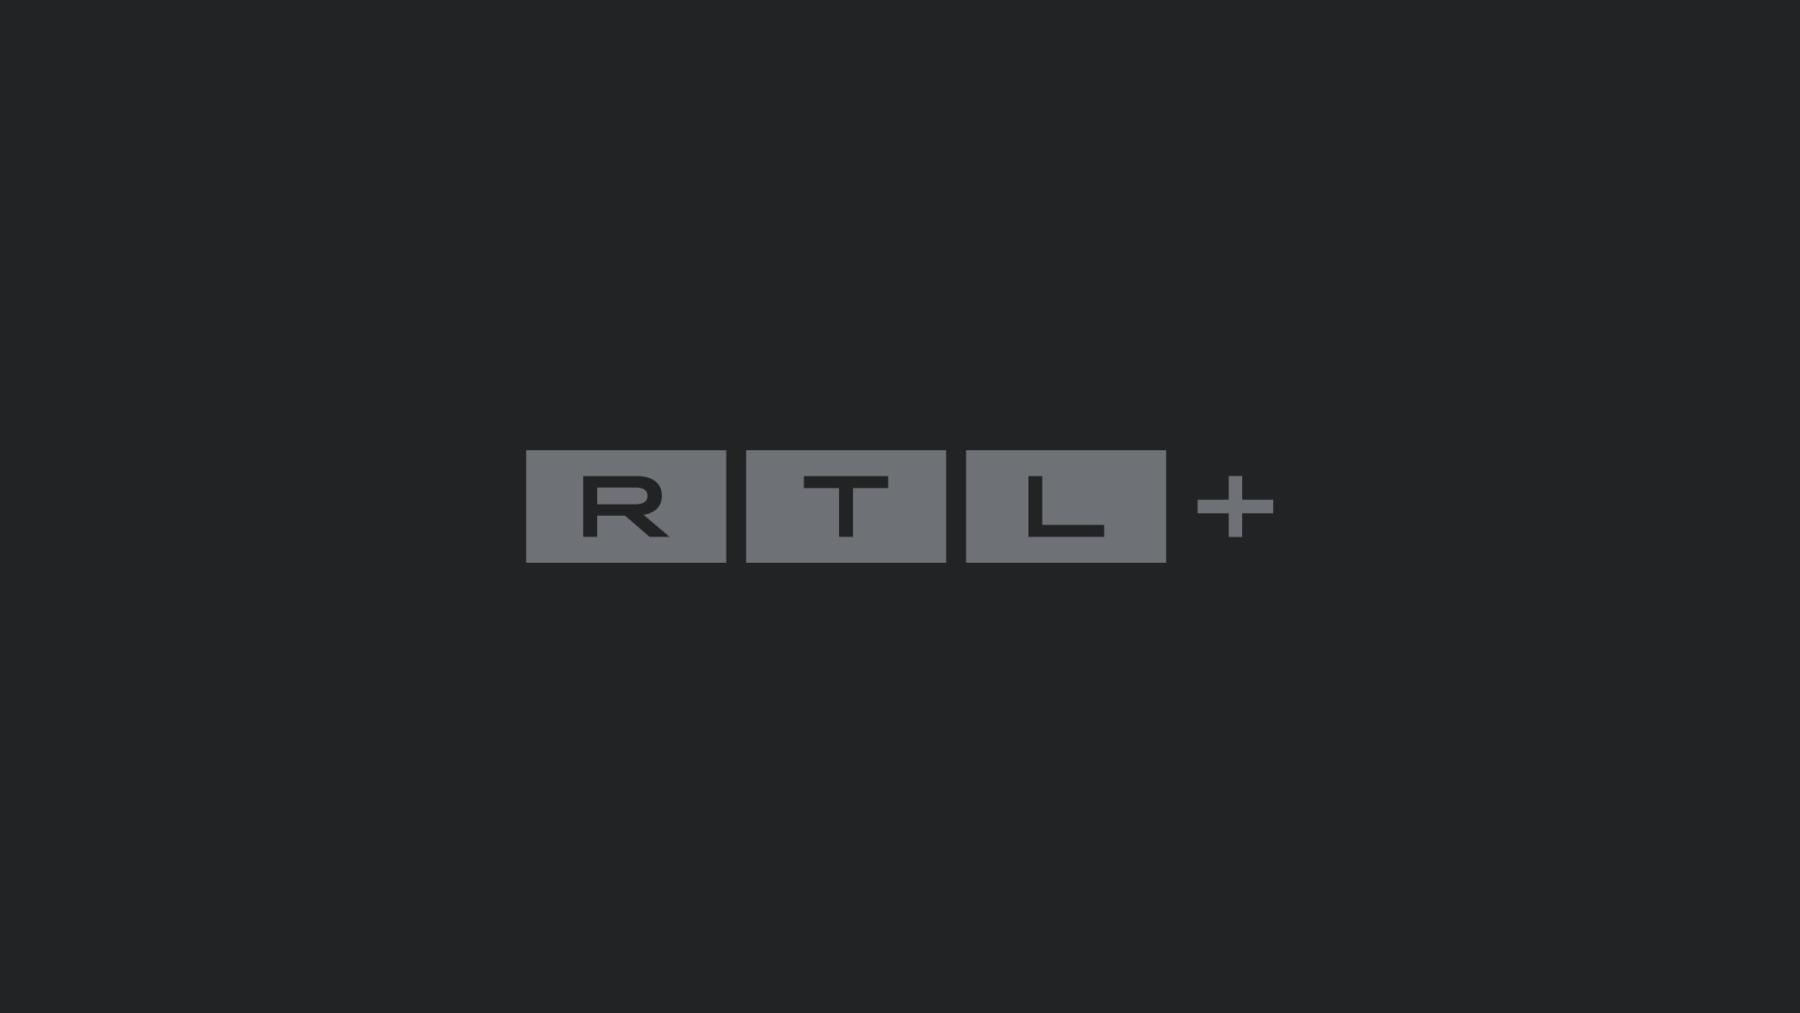 Nacht der Legenden - Die Hall of Fame des deutschen Fußballs